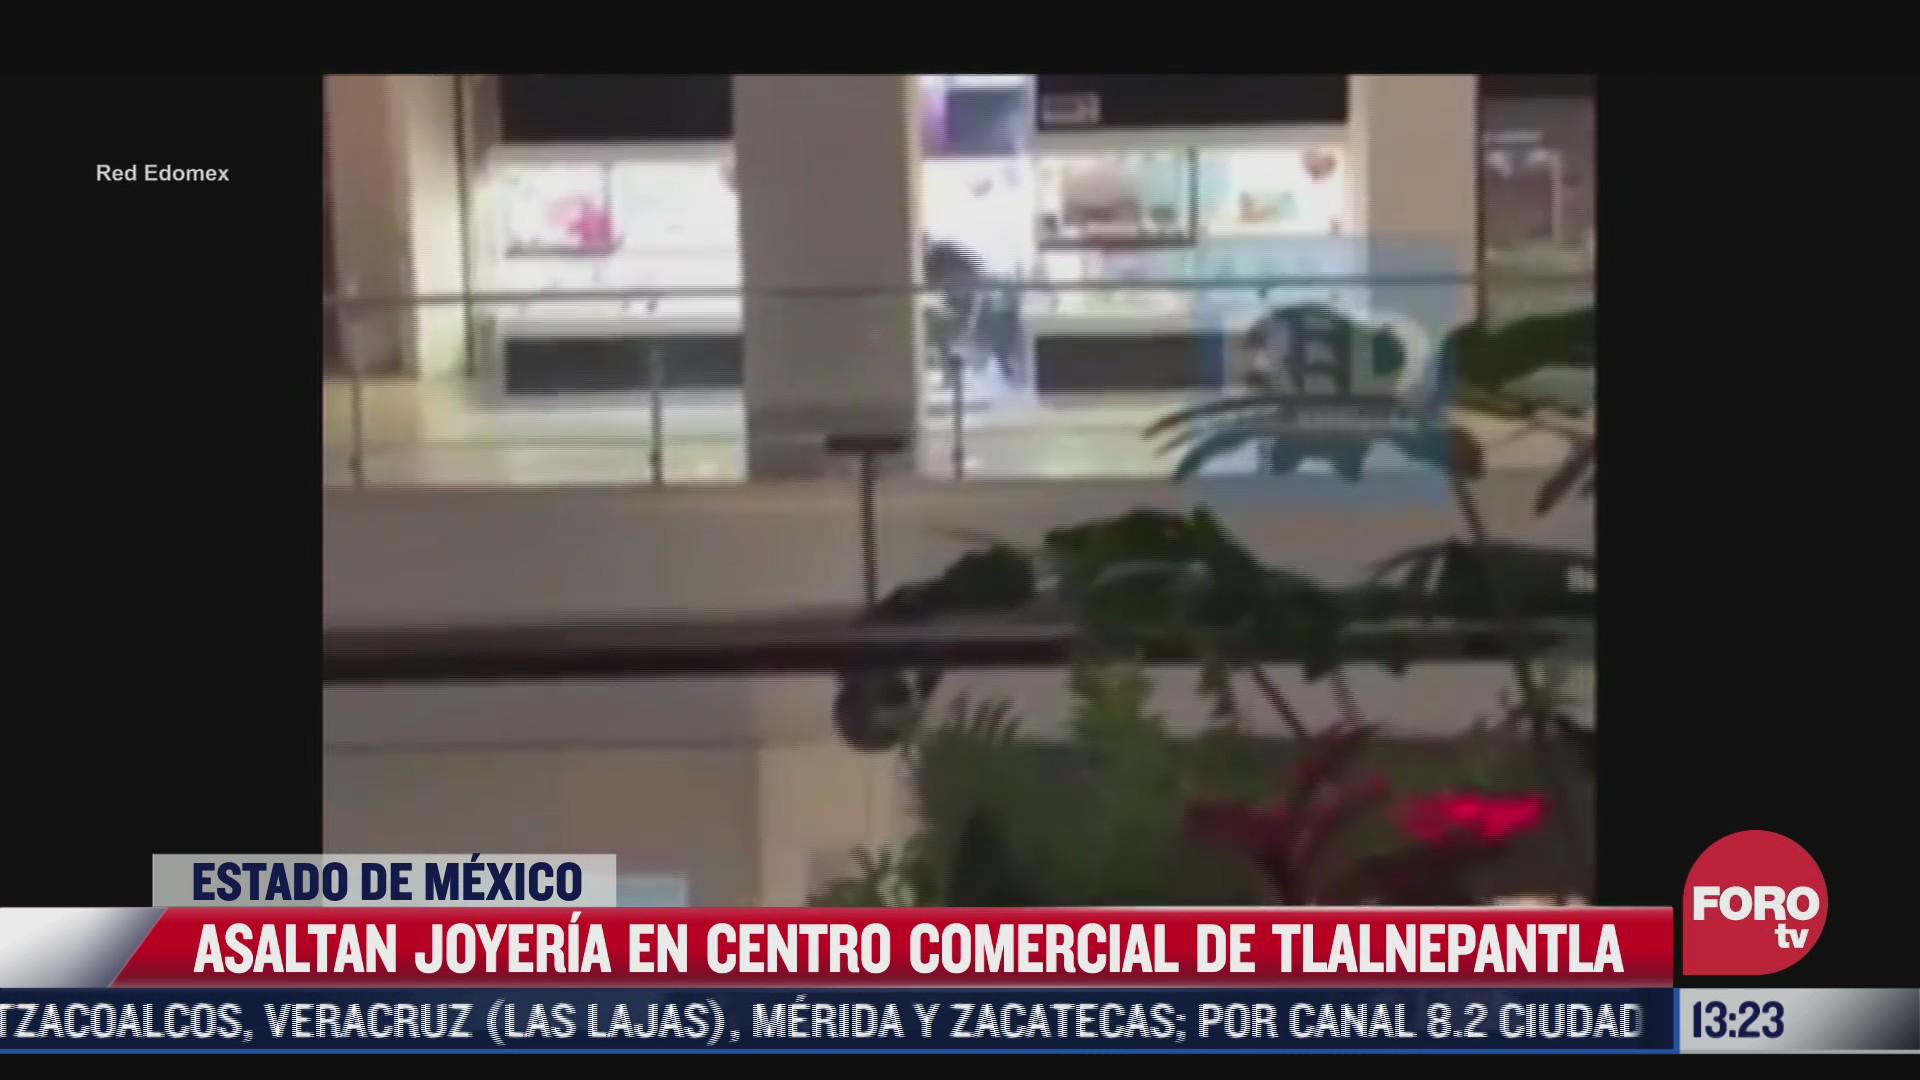 cuatro hombres armados asaltan joyeria en centro comercial en tlalnepantla edomex